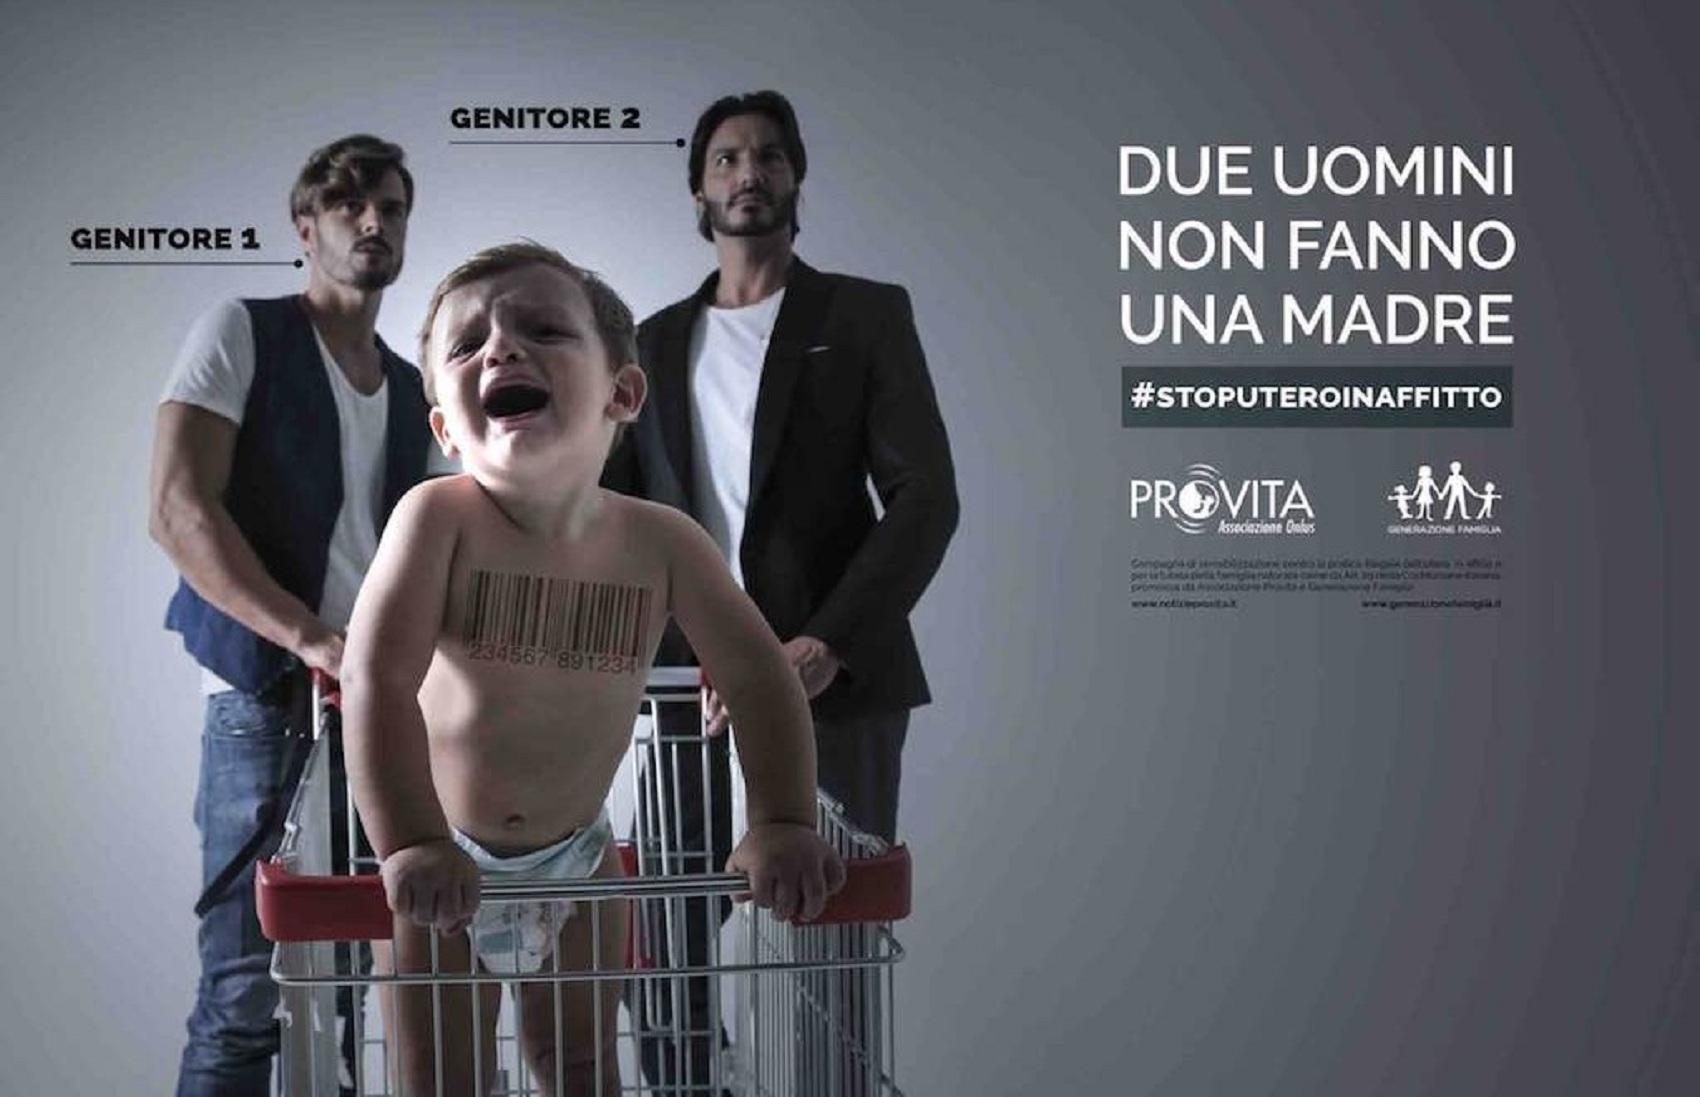 La campagna #StopUteroInAffitto è promossa dalle associazioni Pro Vita e Generazione Famiglia